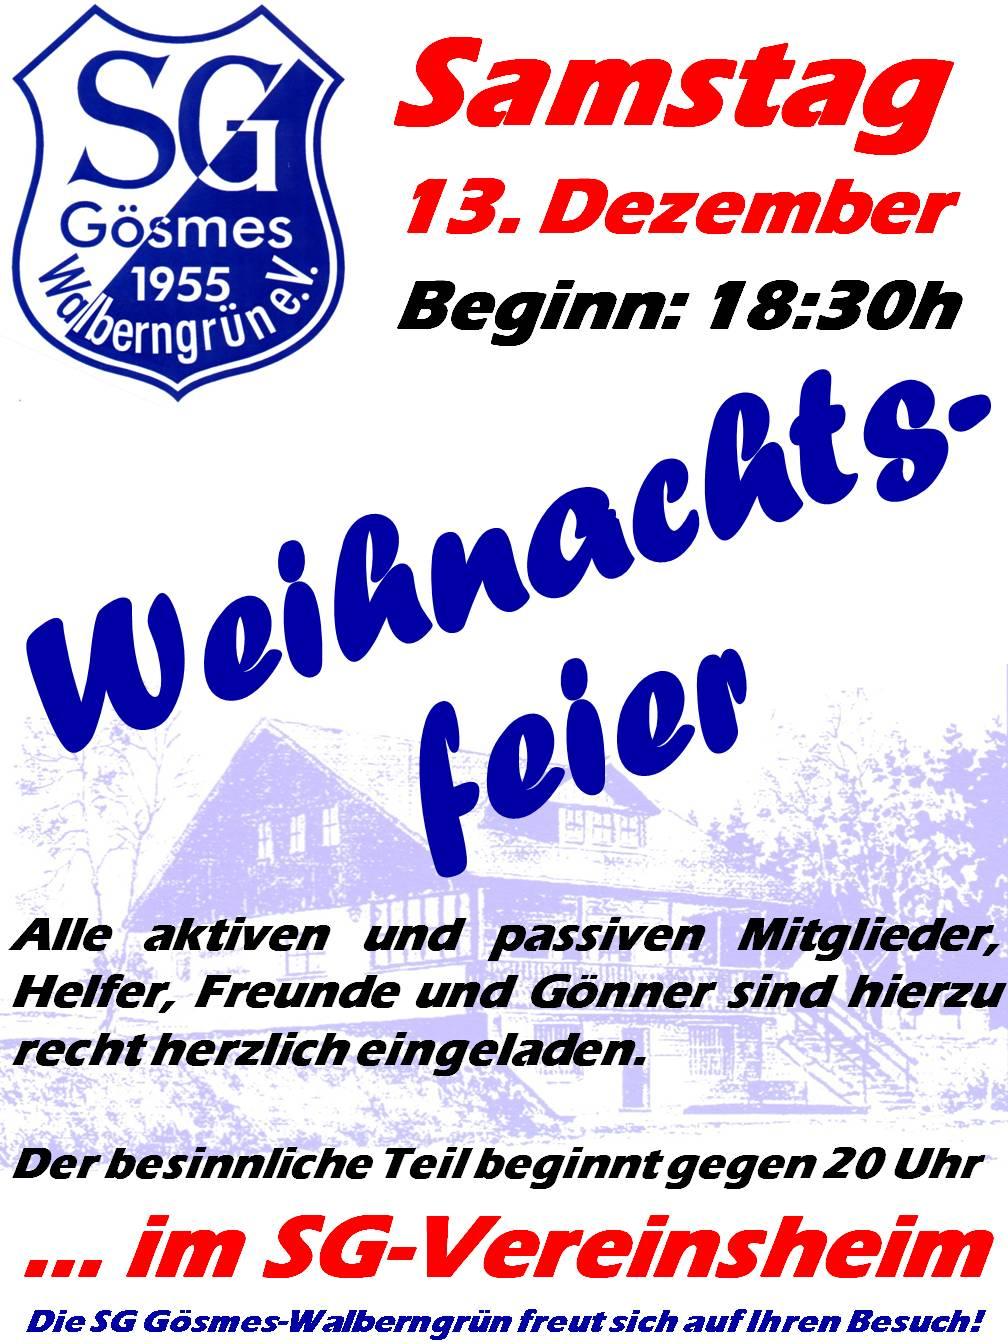 Weihnachtsfeier Plakat.Plakat Weihnachtsfeier 2014 Sg Gösmes Walberngrün